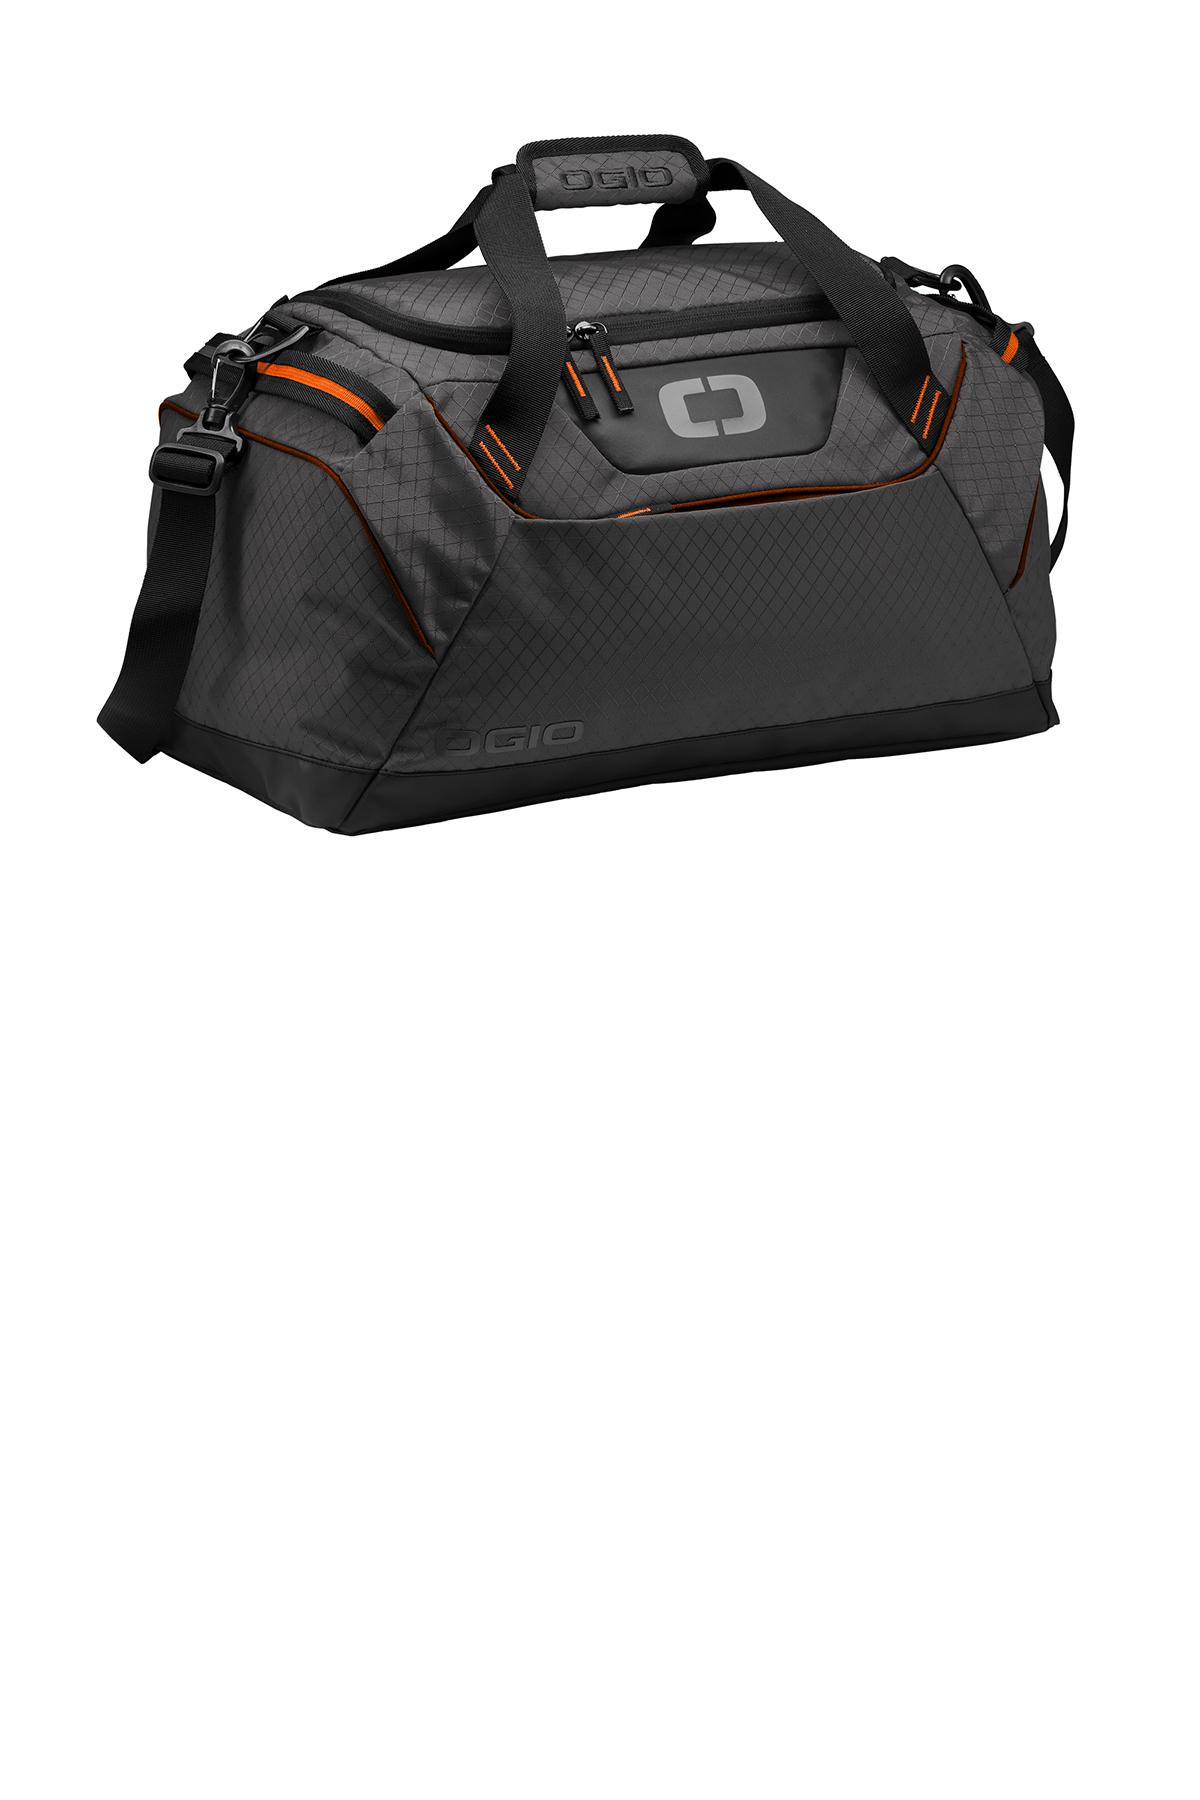 016aebd05a50 OGIO ® Catalyst Duffel